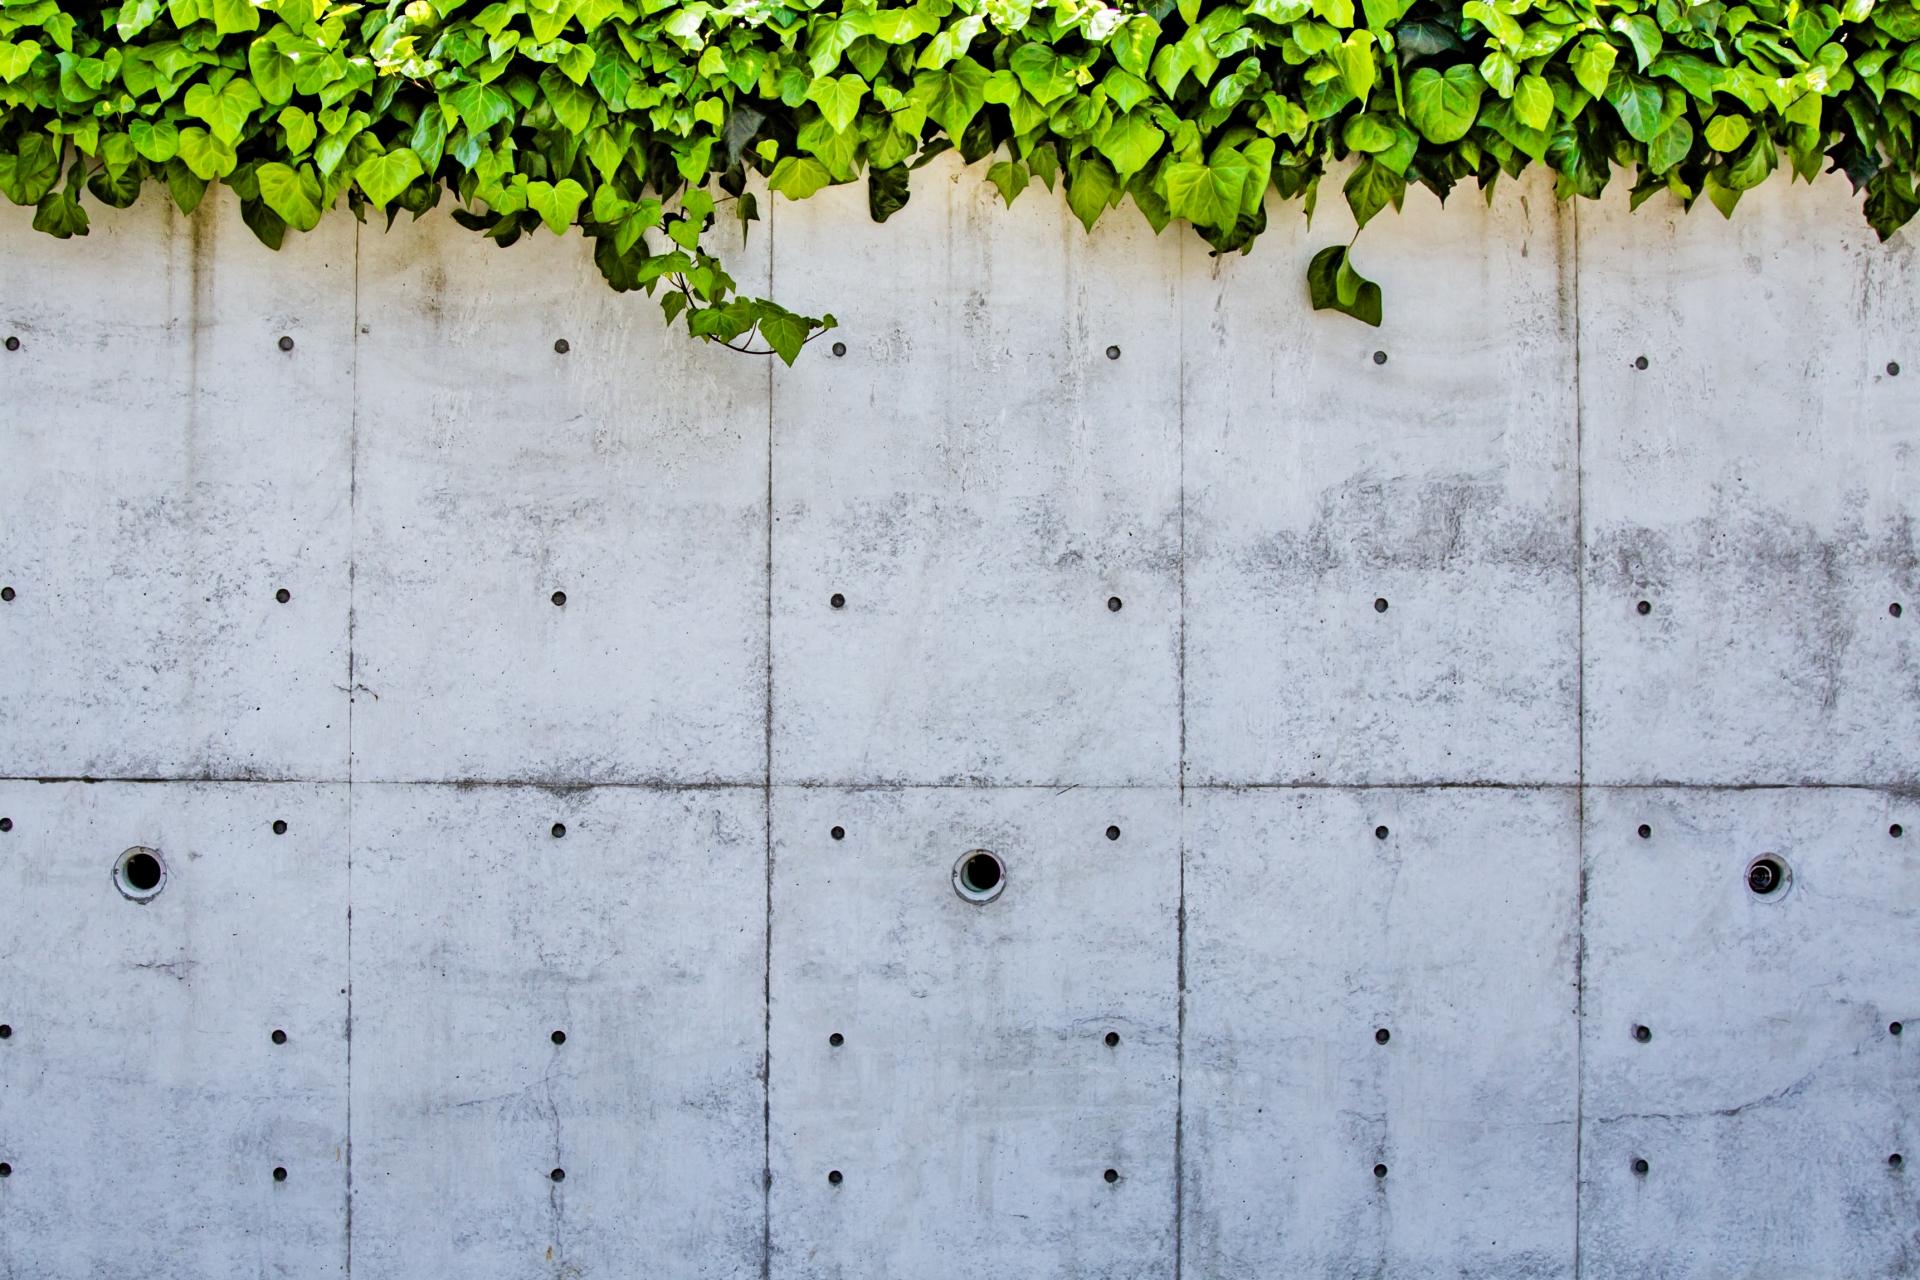 鉄筋コンクリート擁壁の画像